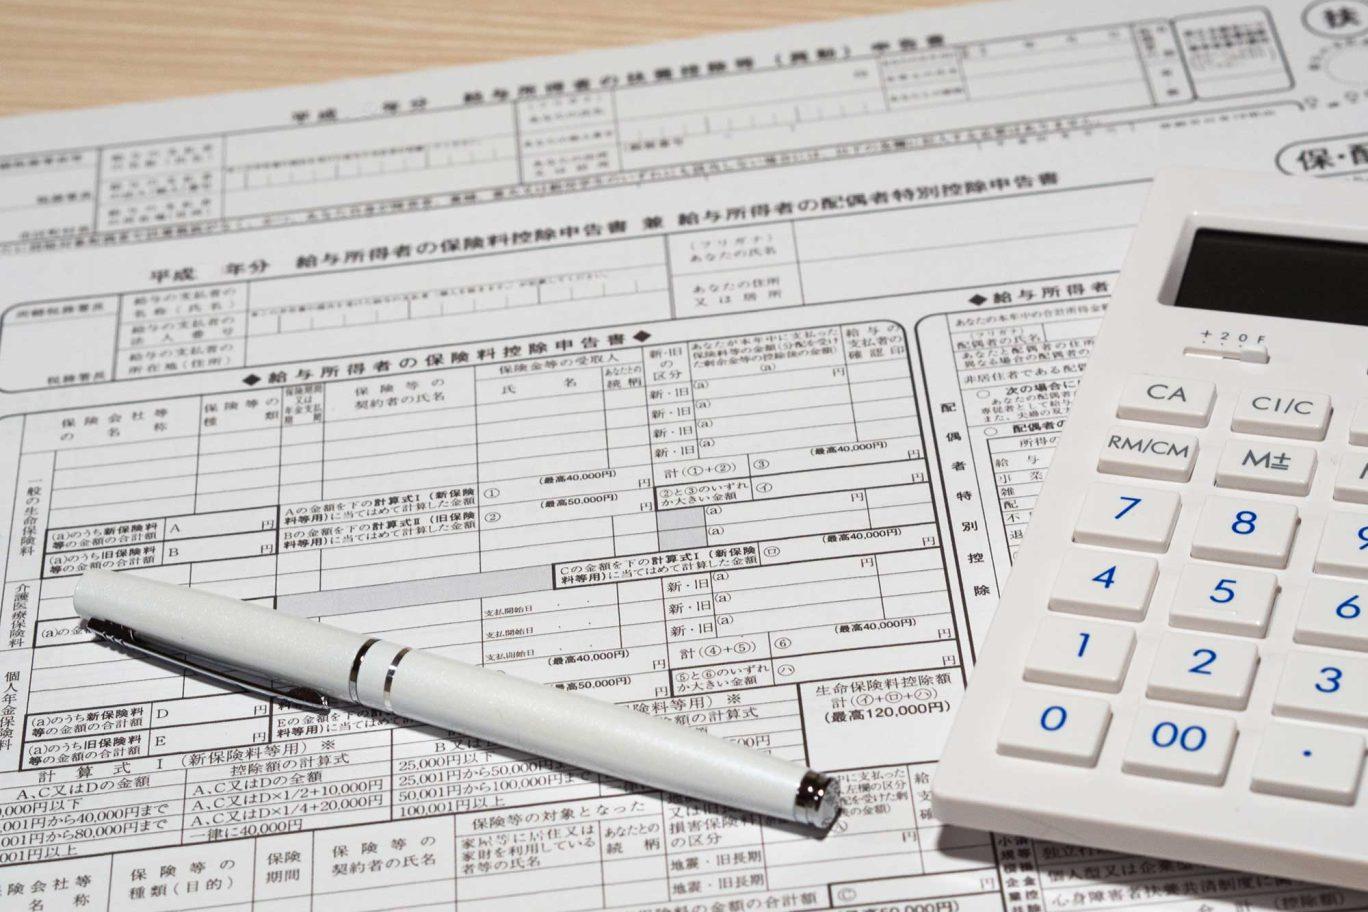 年収によって確定申告か年末調整かが決まる! 経営者向けチェックポイント